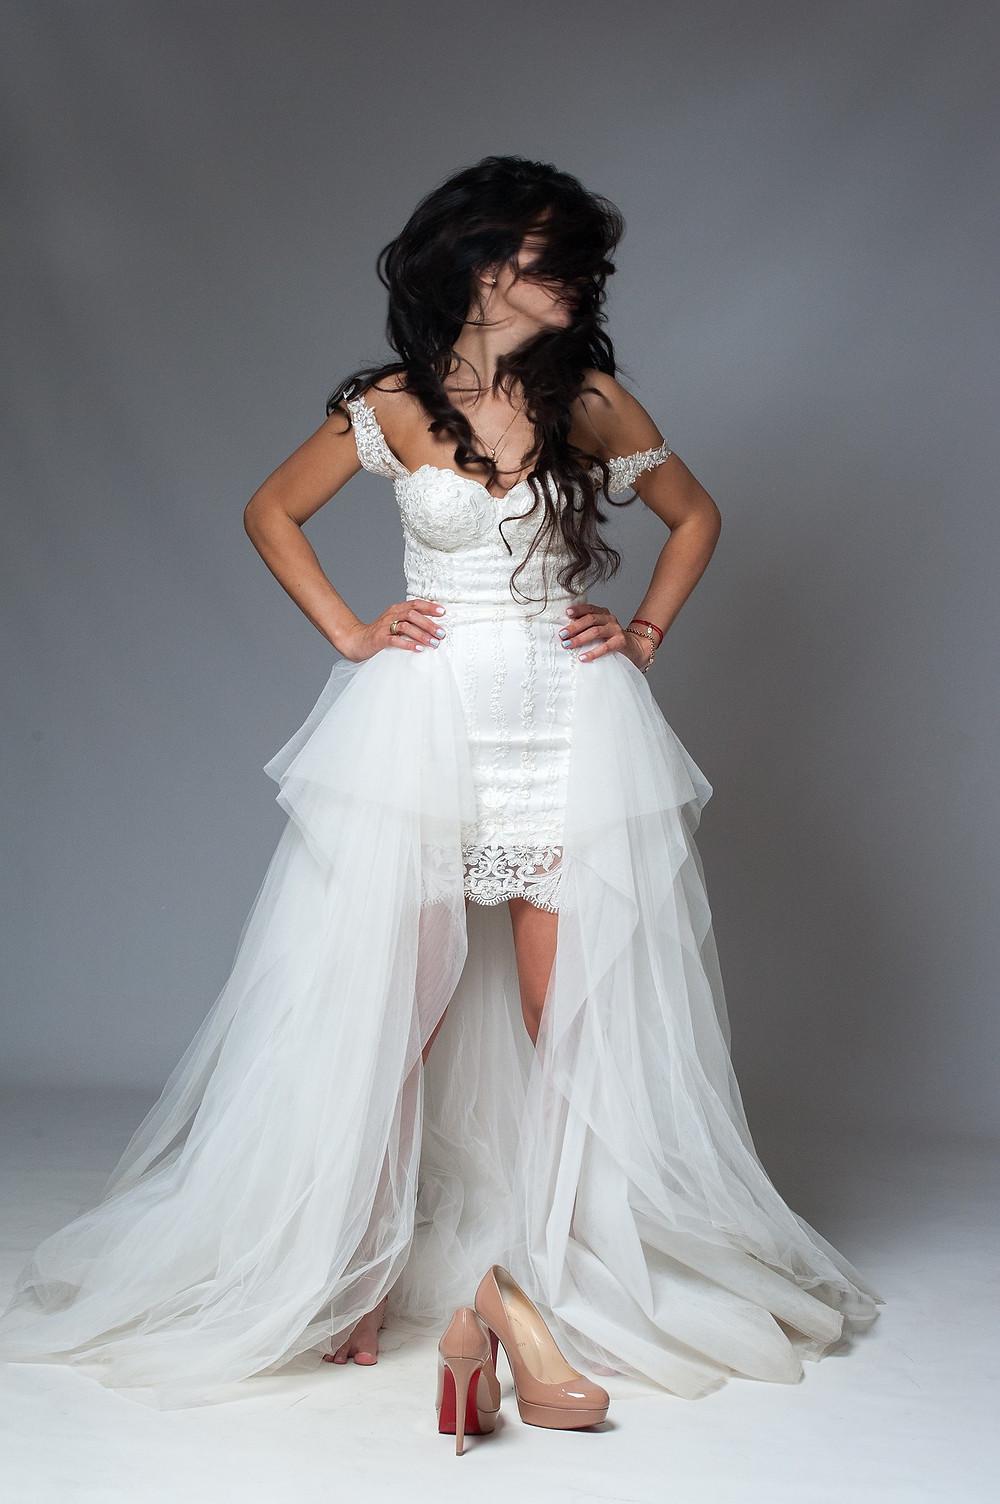 שמלת כלה עם תוספת לחצאית